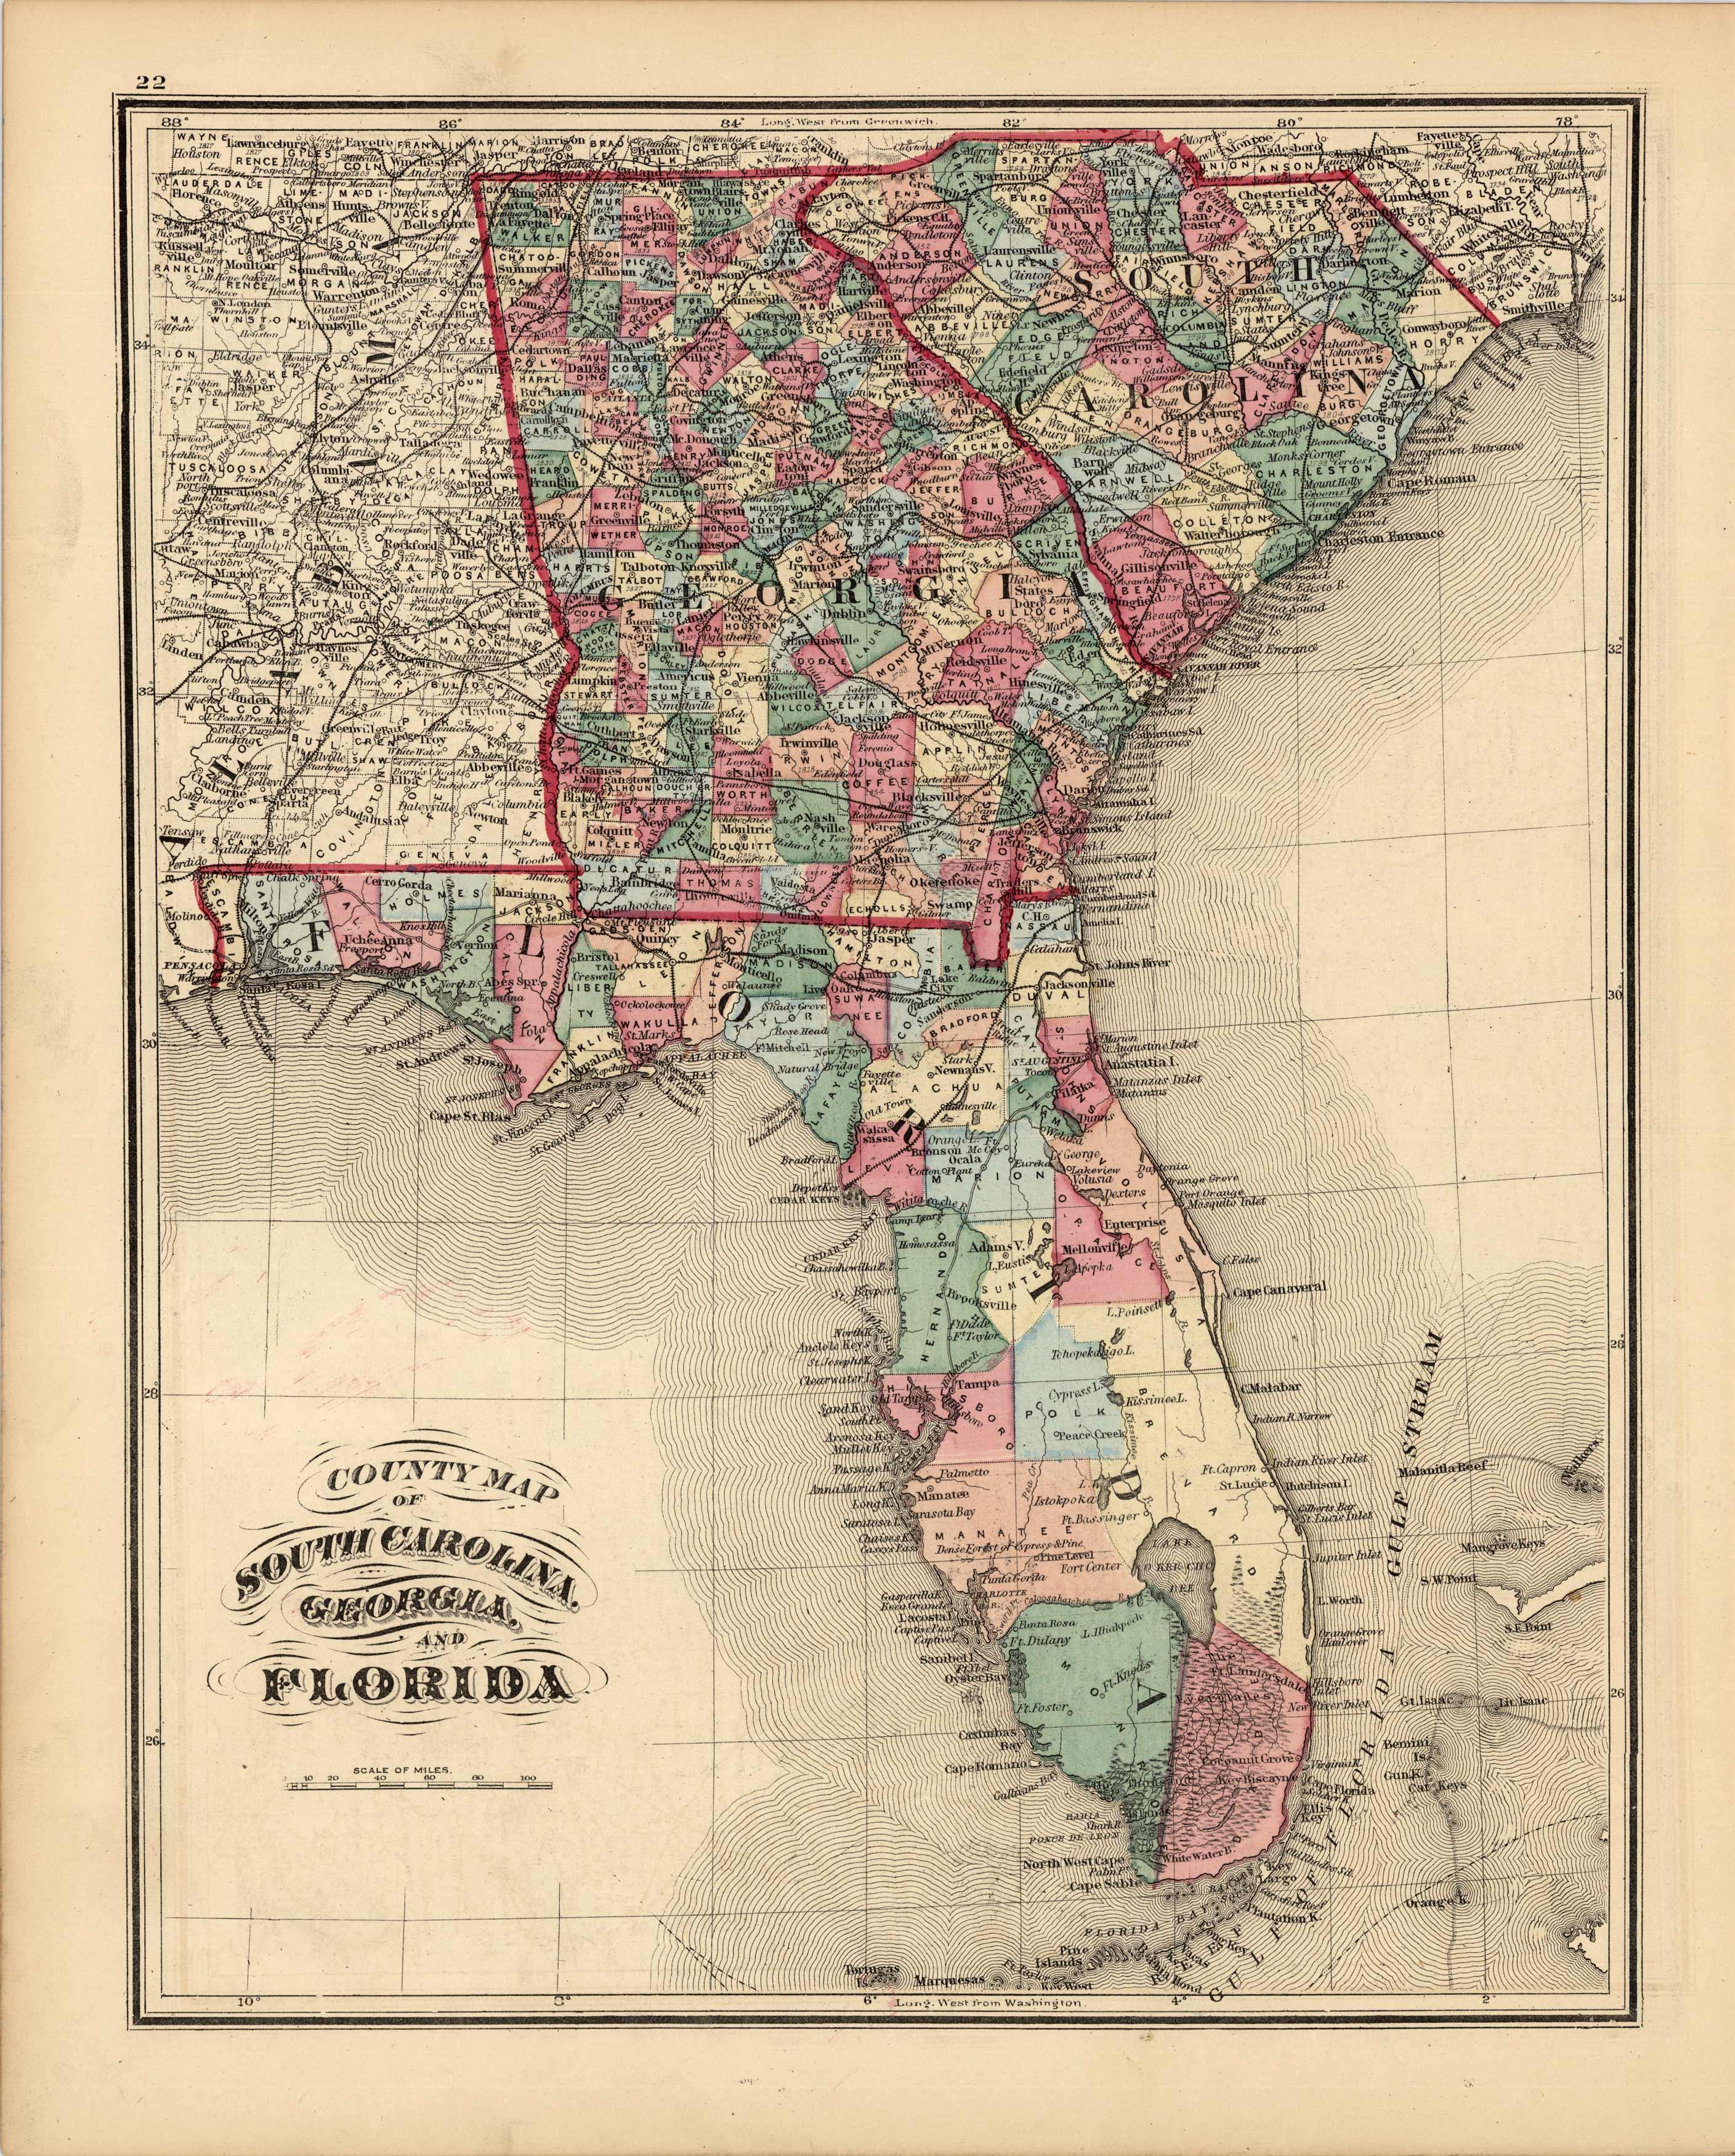 County Map of South Carolina